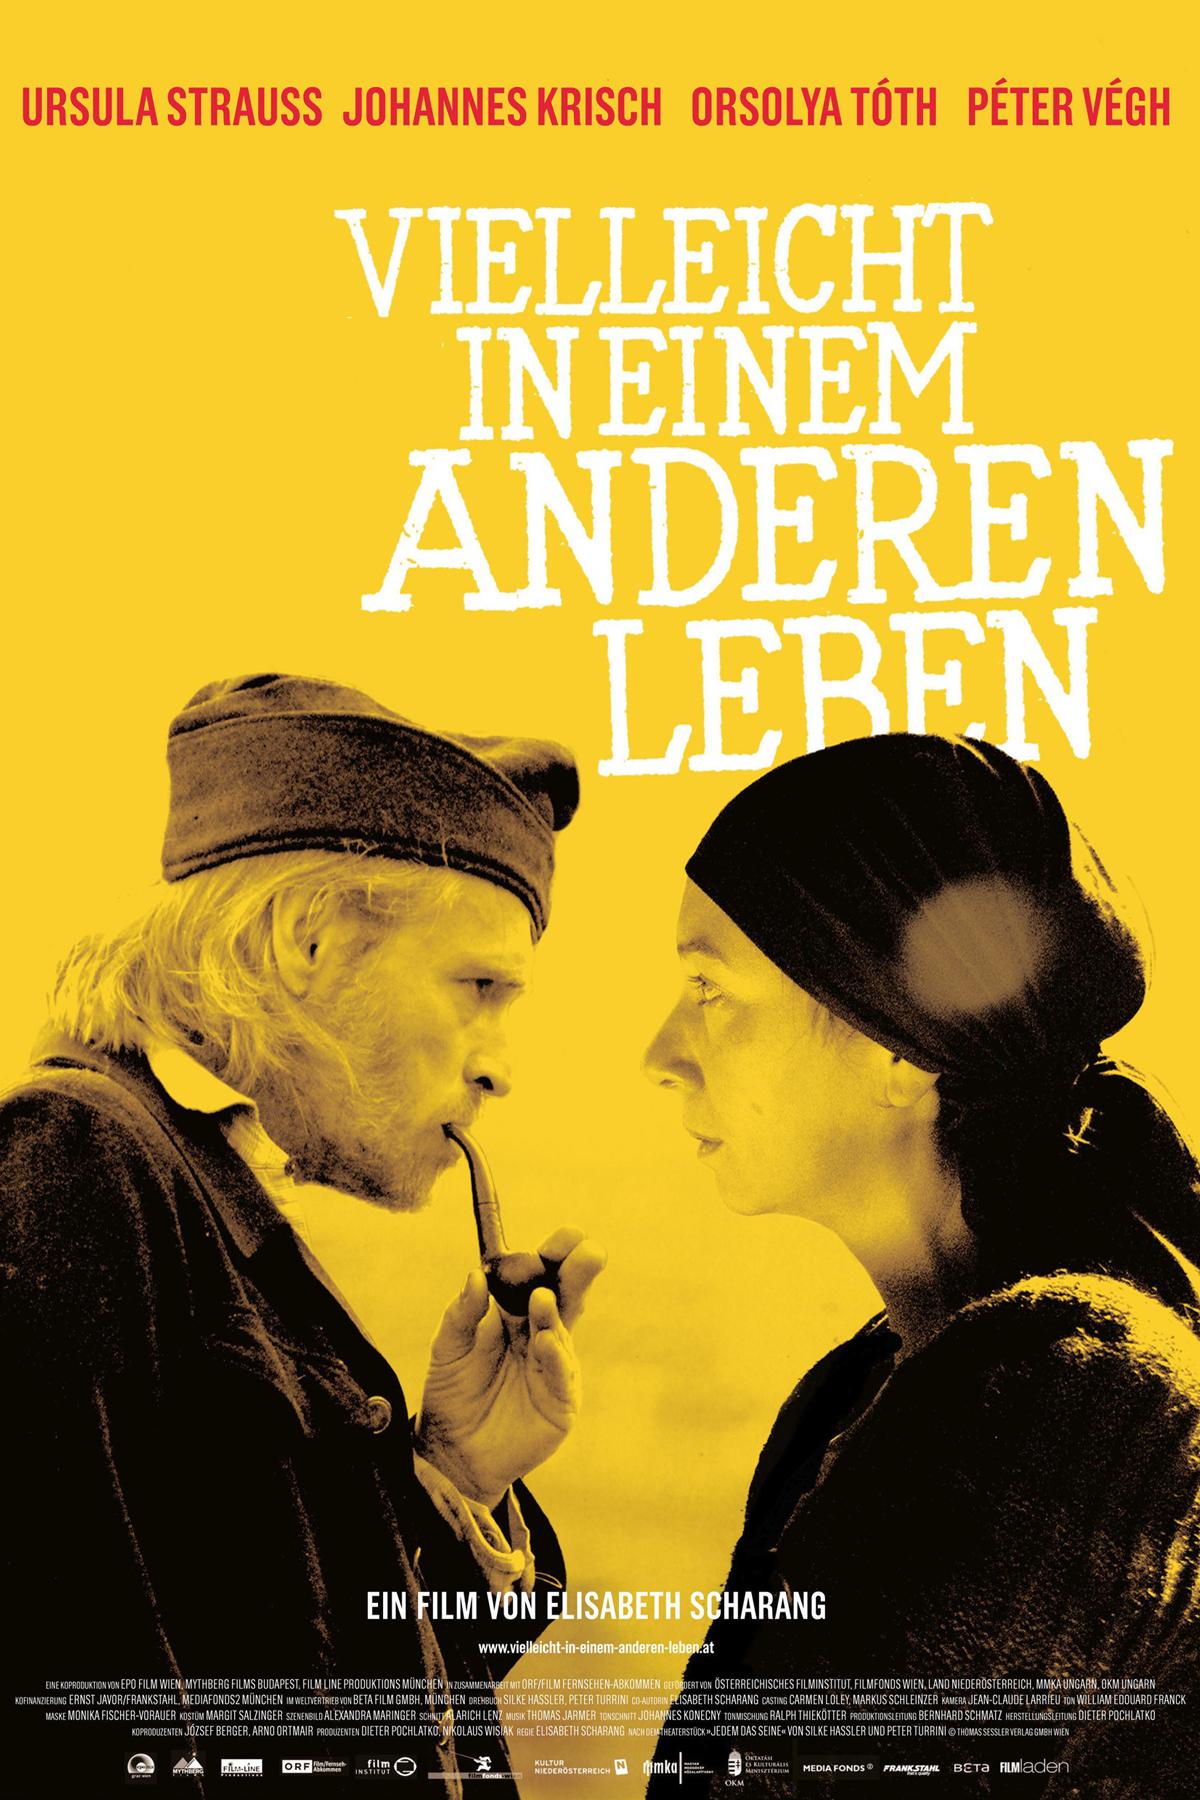 2011_Vielleicht_in_einem_anderen_Leben_Film-Line_Productions.jpg